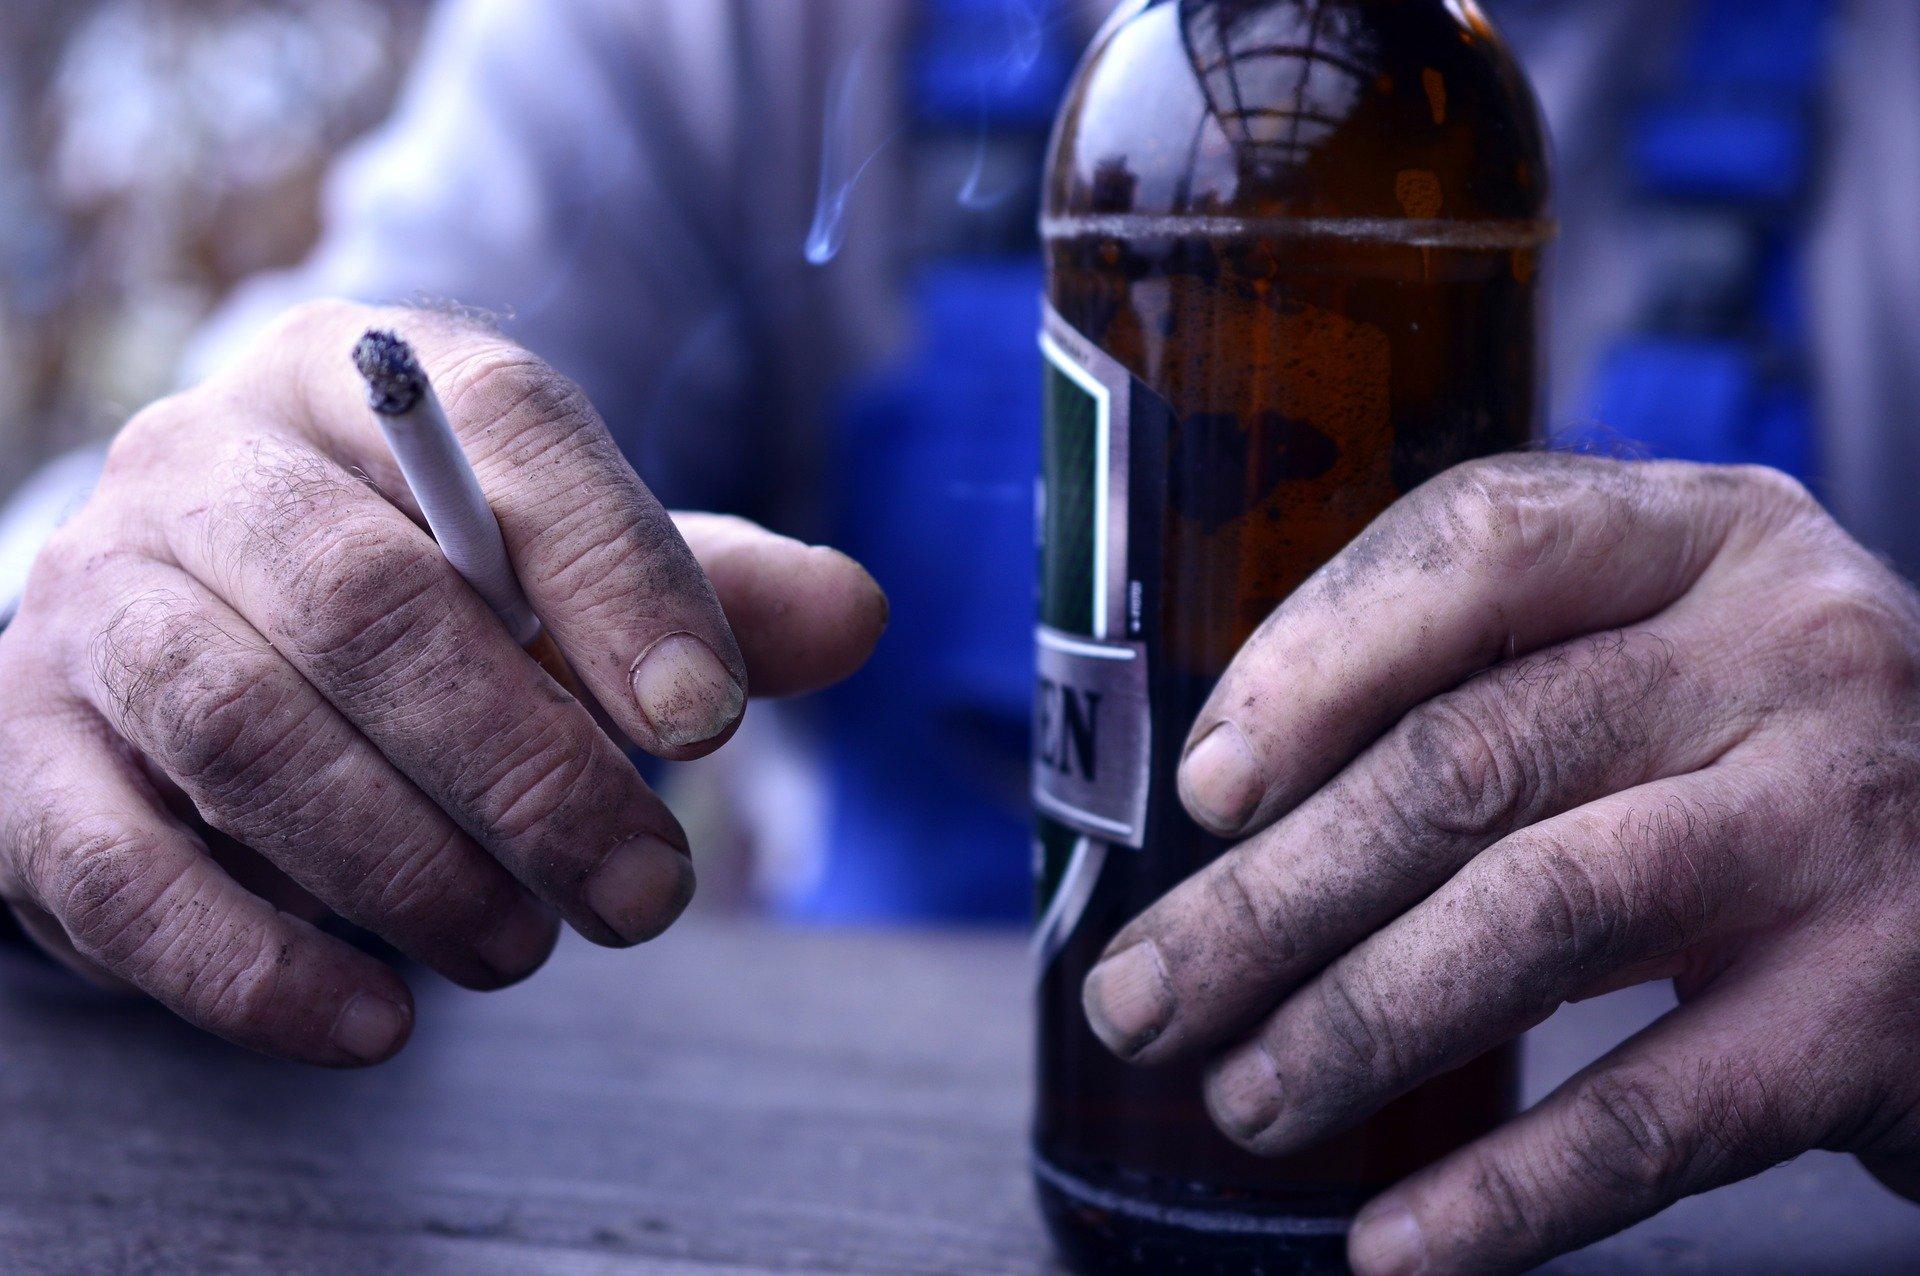 Las drogas de inicio pueden llevar a la adicción.